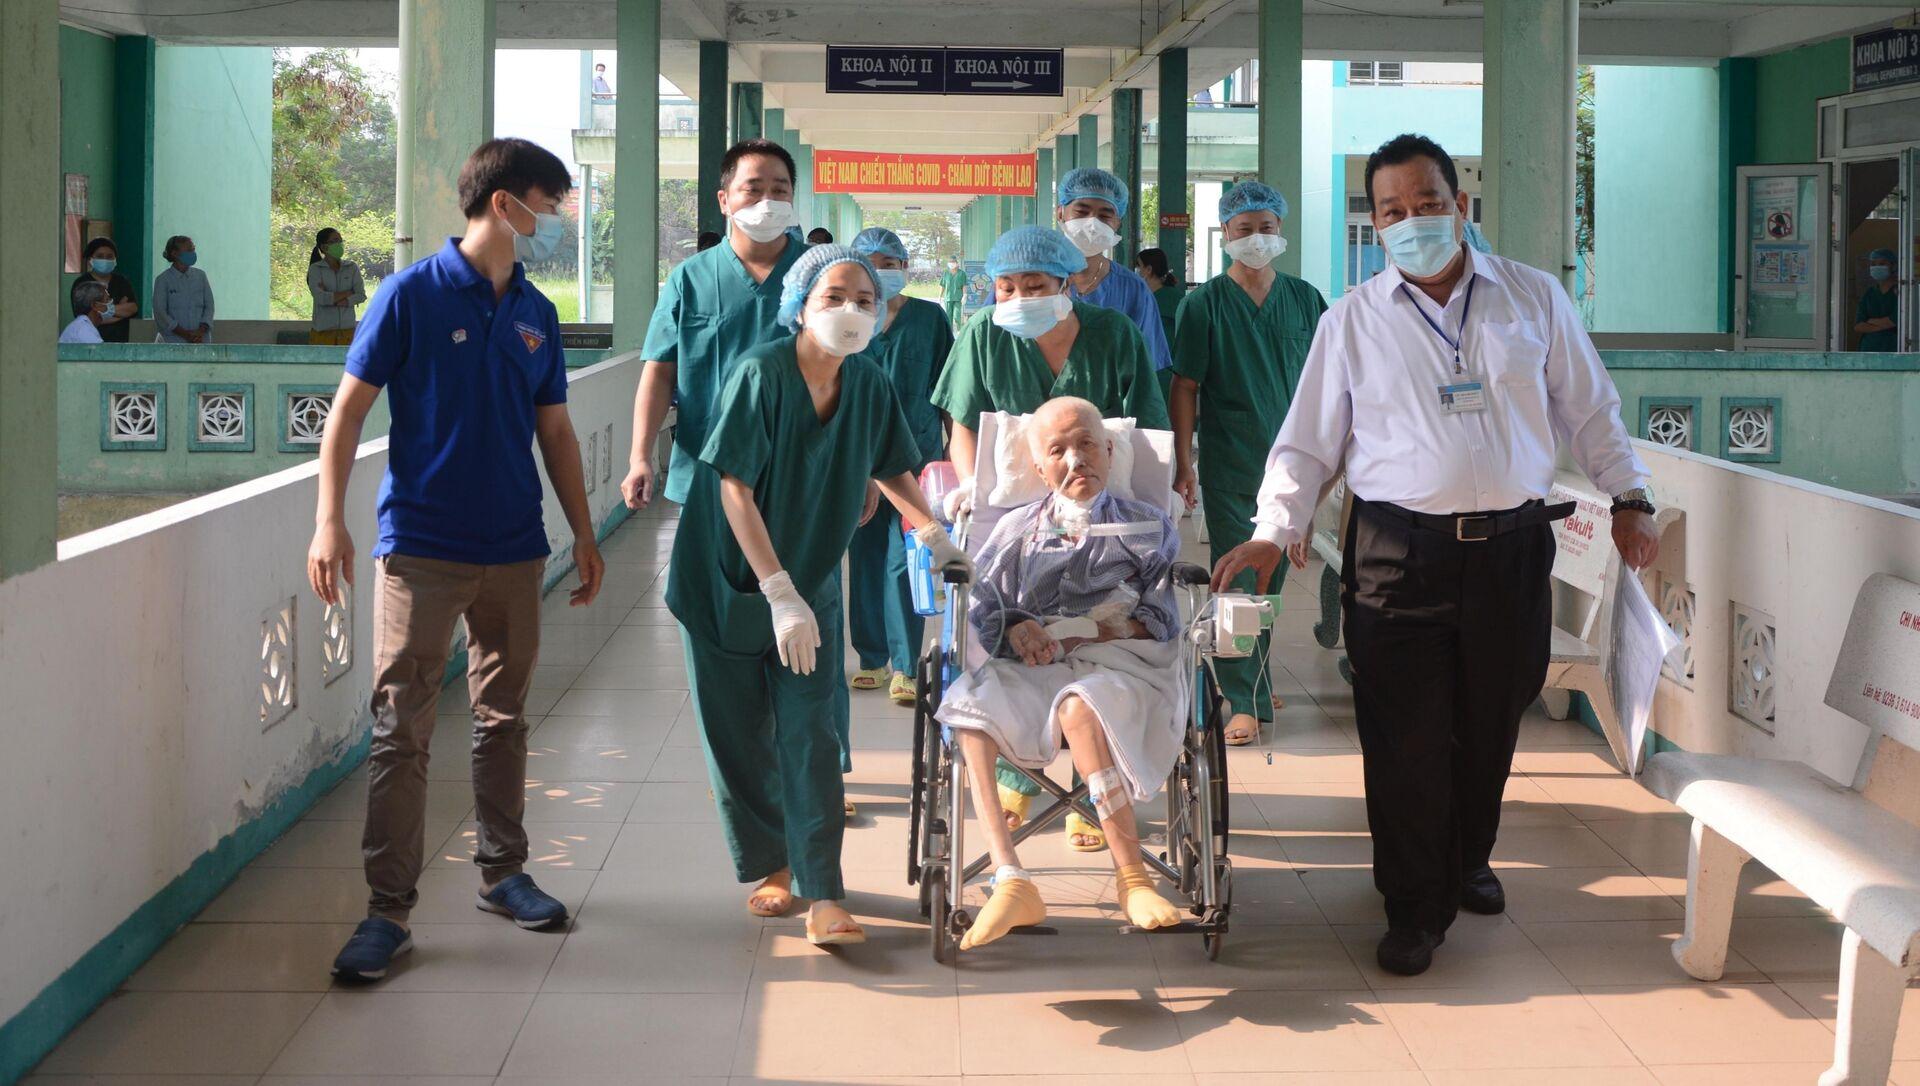 Sau khi được công bố khỏi bệnh, bệnh nhân COVID-19 số 1536 được chuyển vào TP Hồ Chí Minh để tiếp tục điều trị. - Sputnik Việt Nam, 1920, 27.03.2021